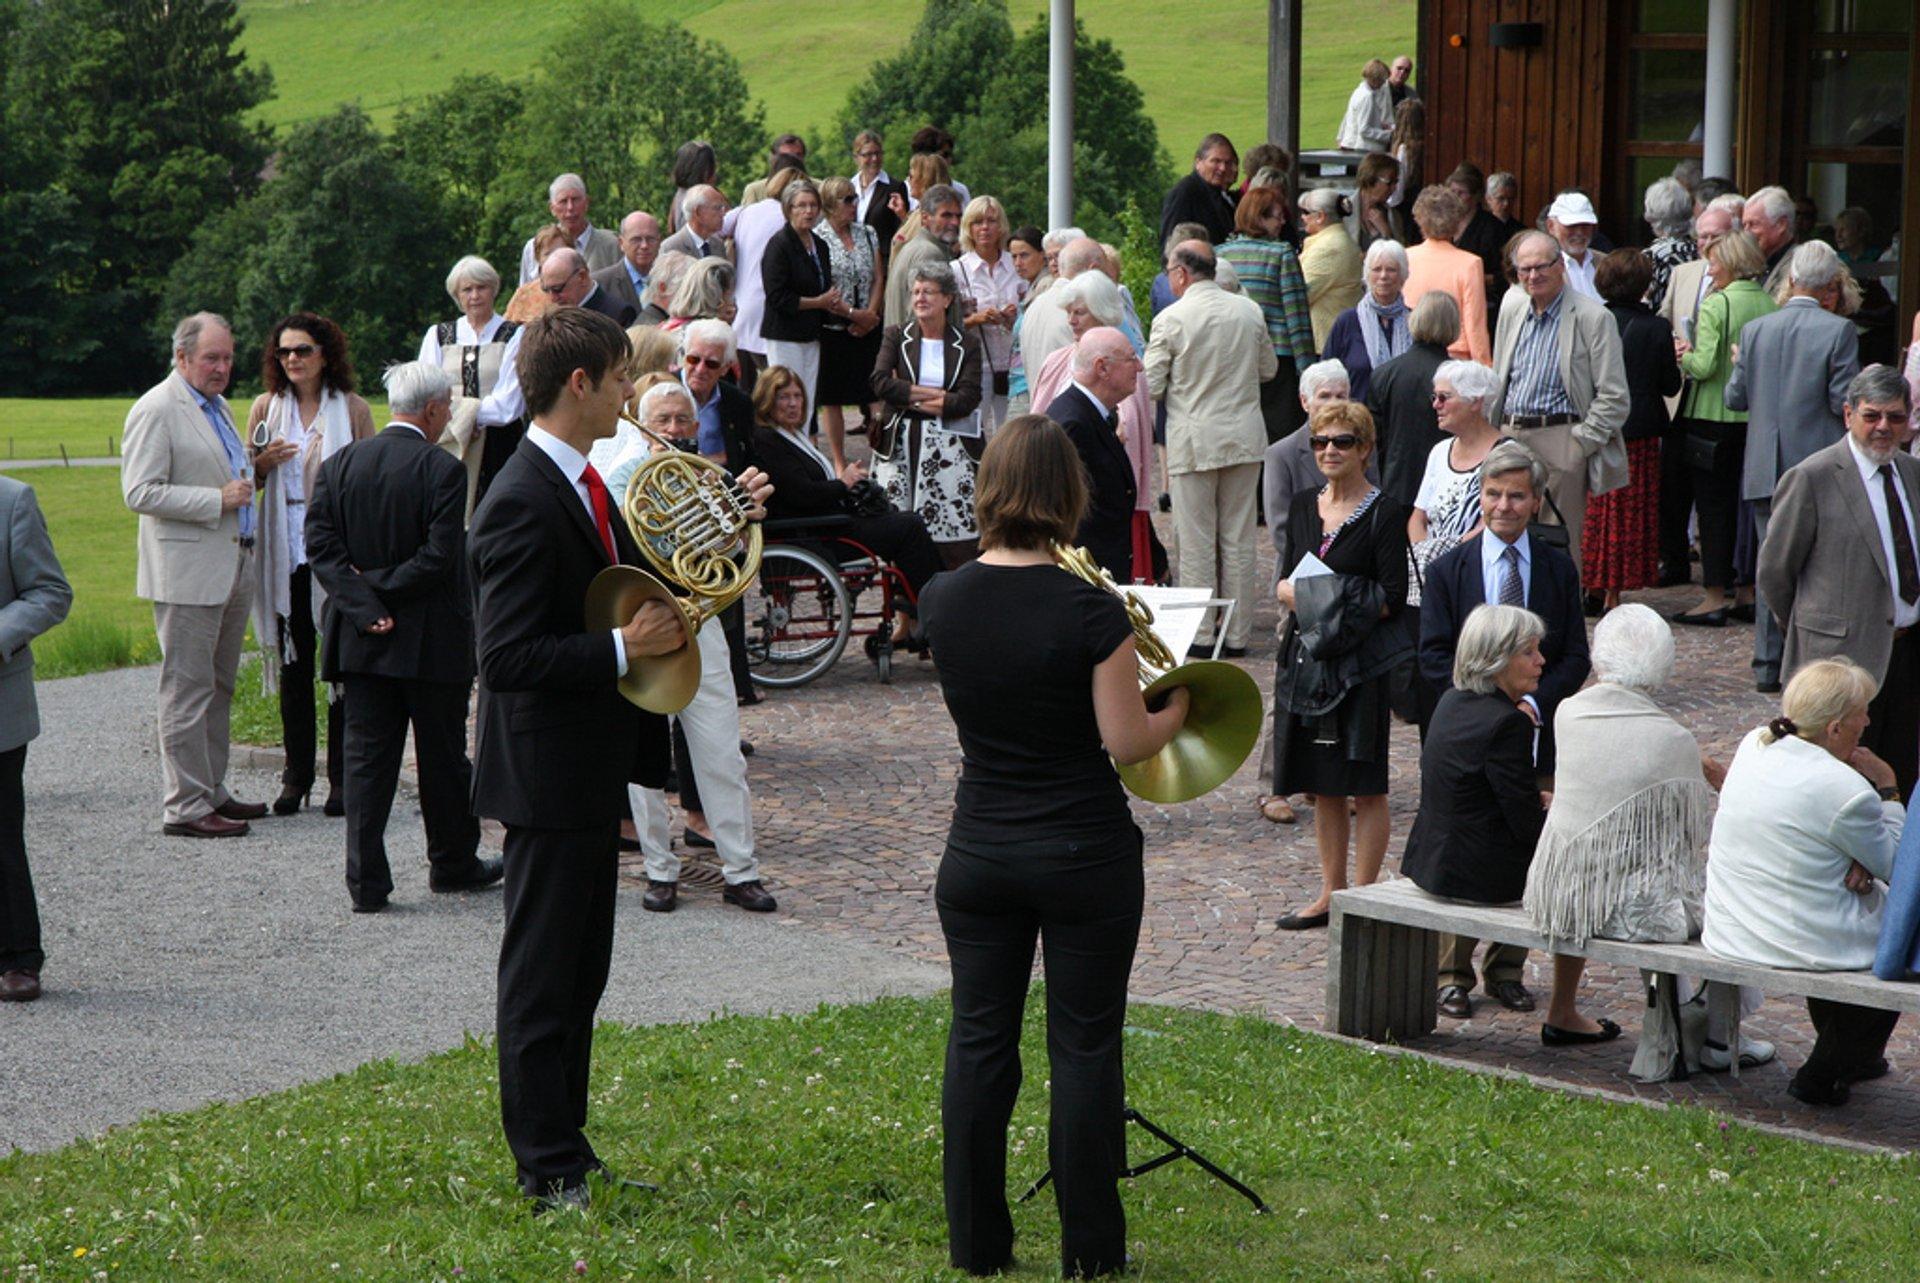 Schubertiade Festival in Austria 2019 - Best Time